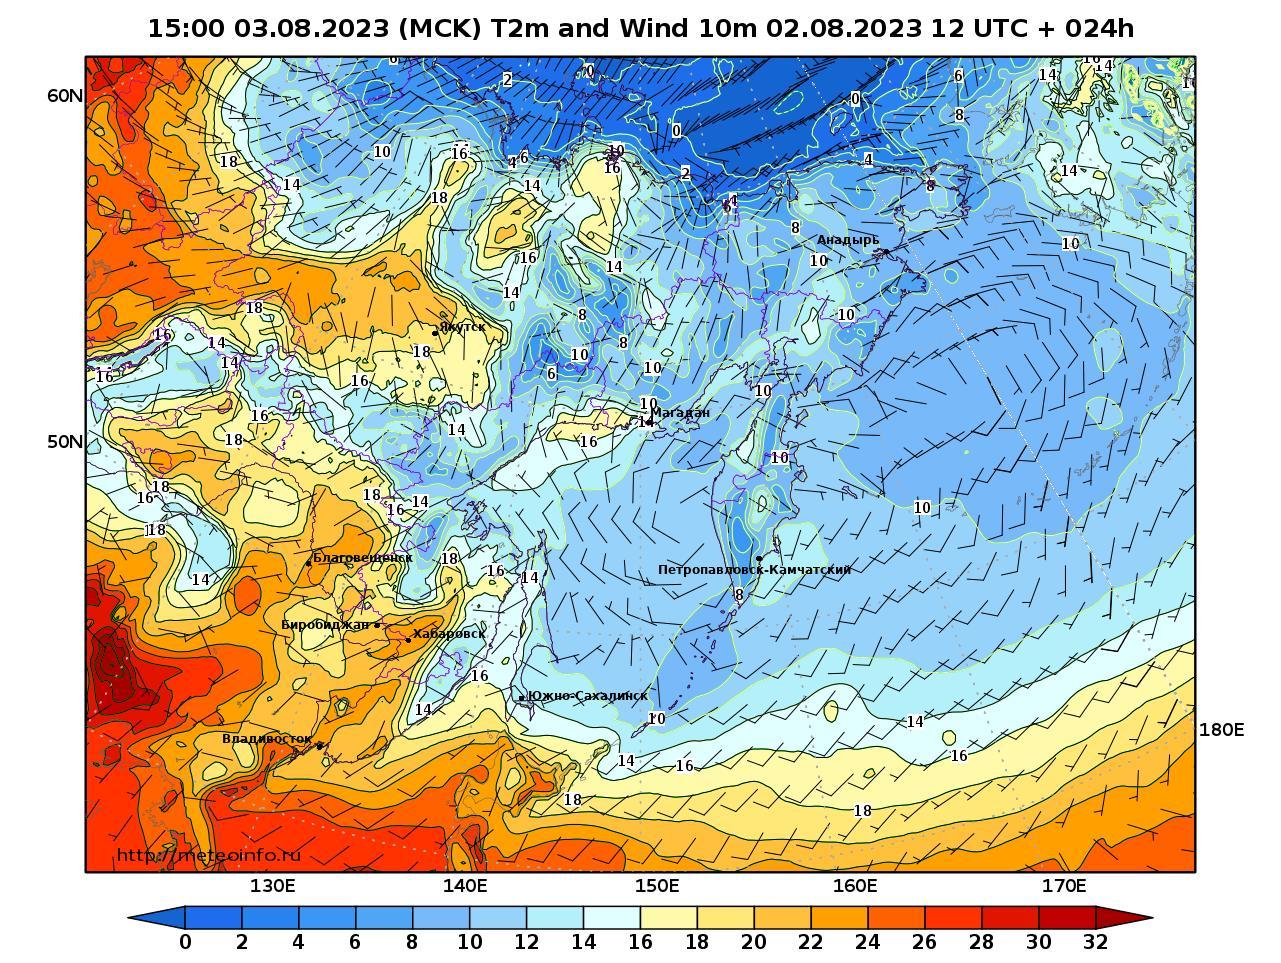 Дальний Восток, прогностическая карта приземная температура, заблаговременность прогноза 24 часа